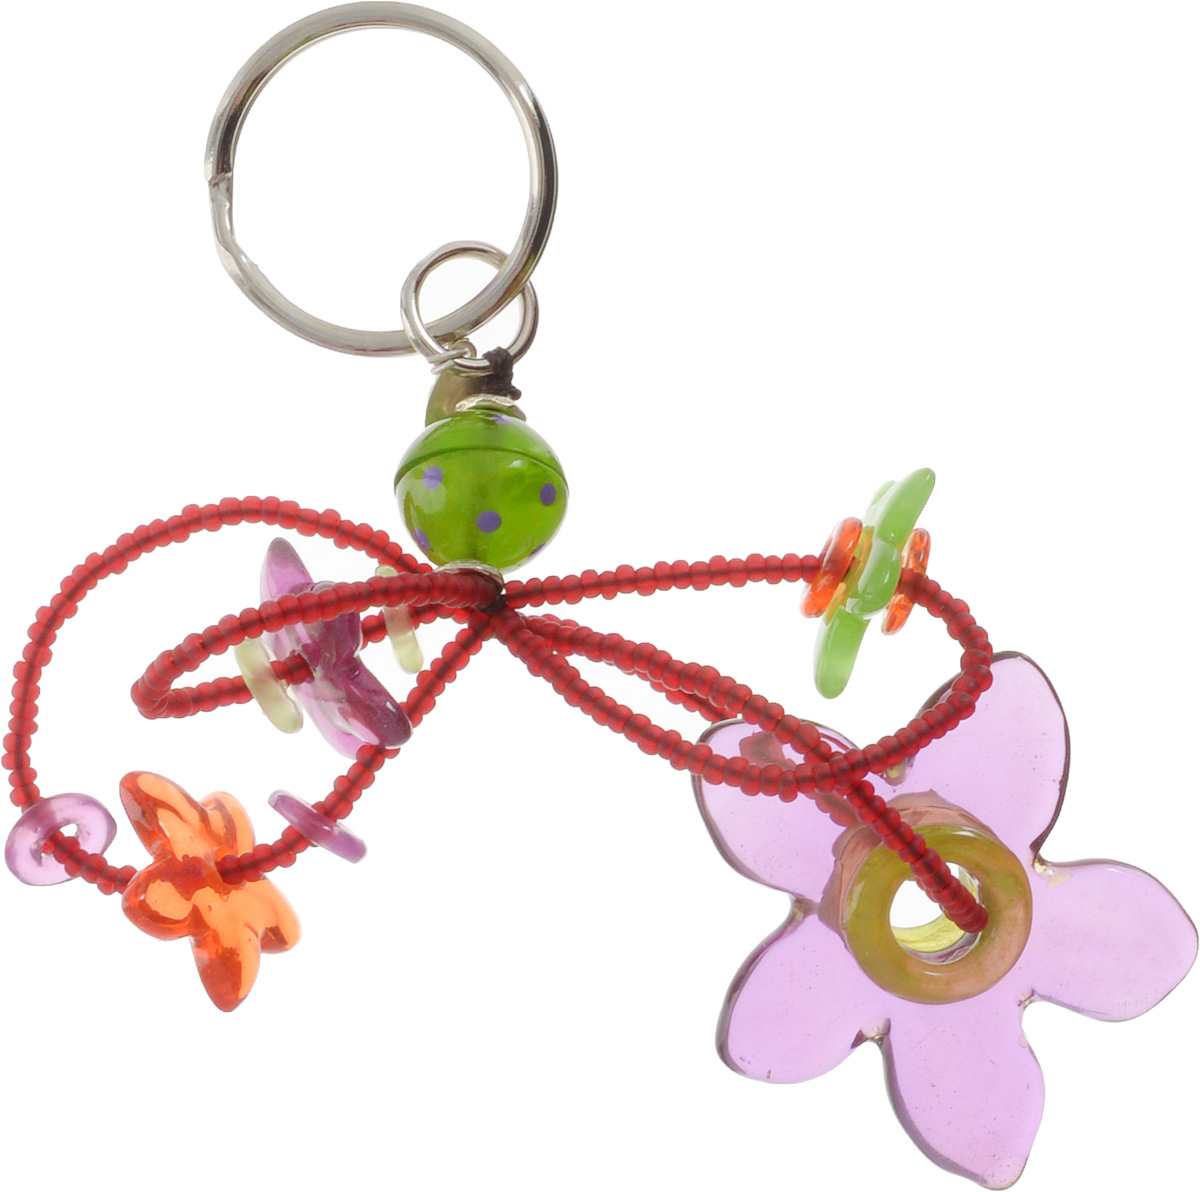 Брелок Lalo Treasures, цвет: сиреневый, зеленый. KR4866 брелок для ключей lalo treasures цвет мультиколор